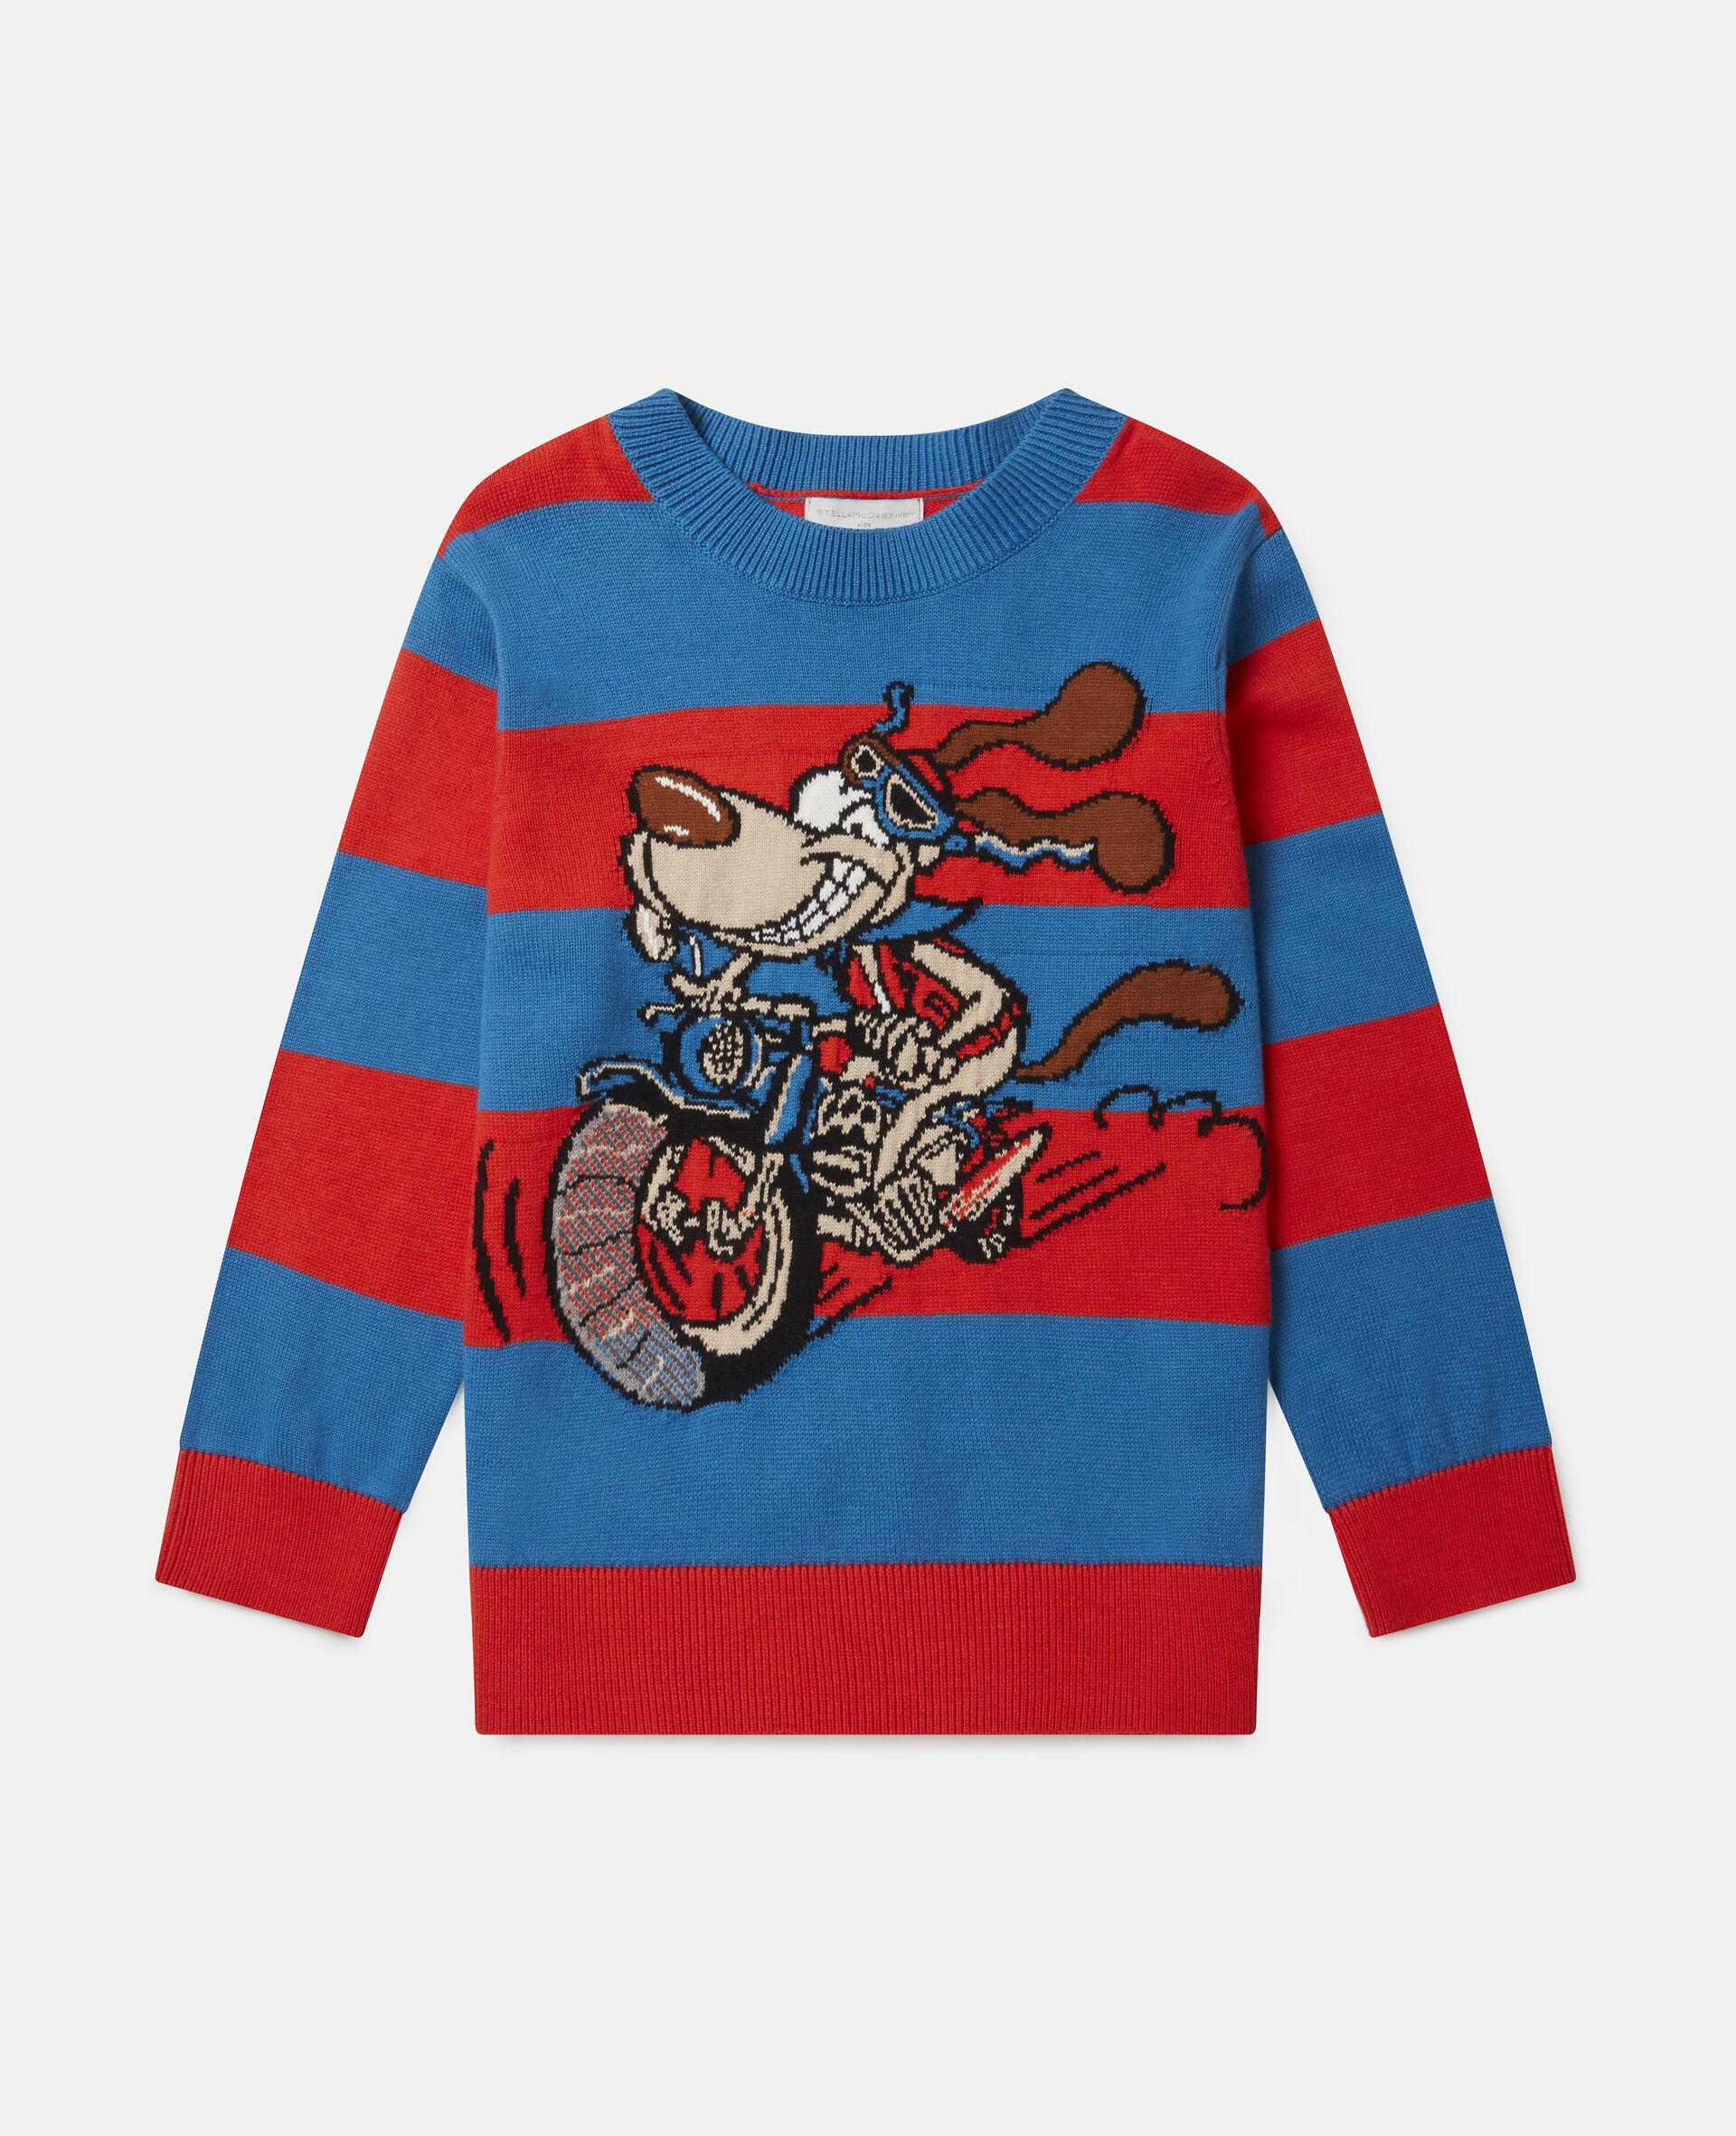 Crazy Dog Oversized Knit Intarsia Sweater-Multicoloured-large image number 0